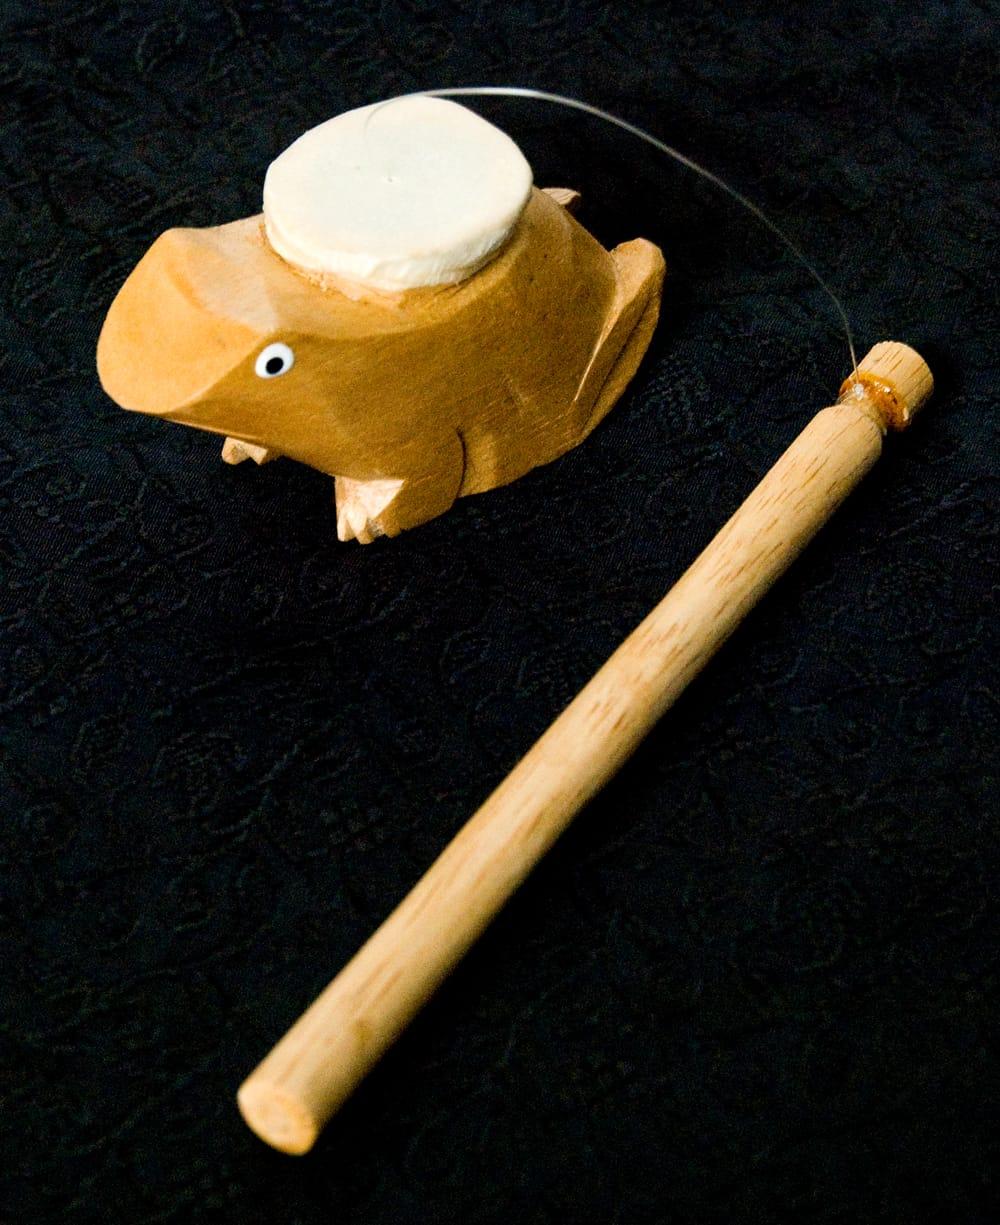 ゲロゲロ笛【カエル】 2 - 全体像です。